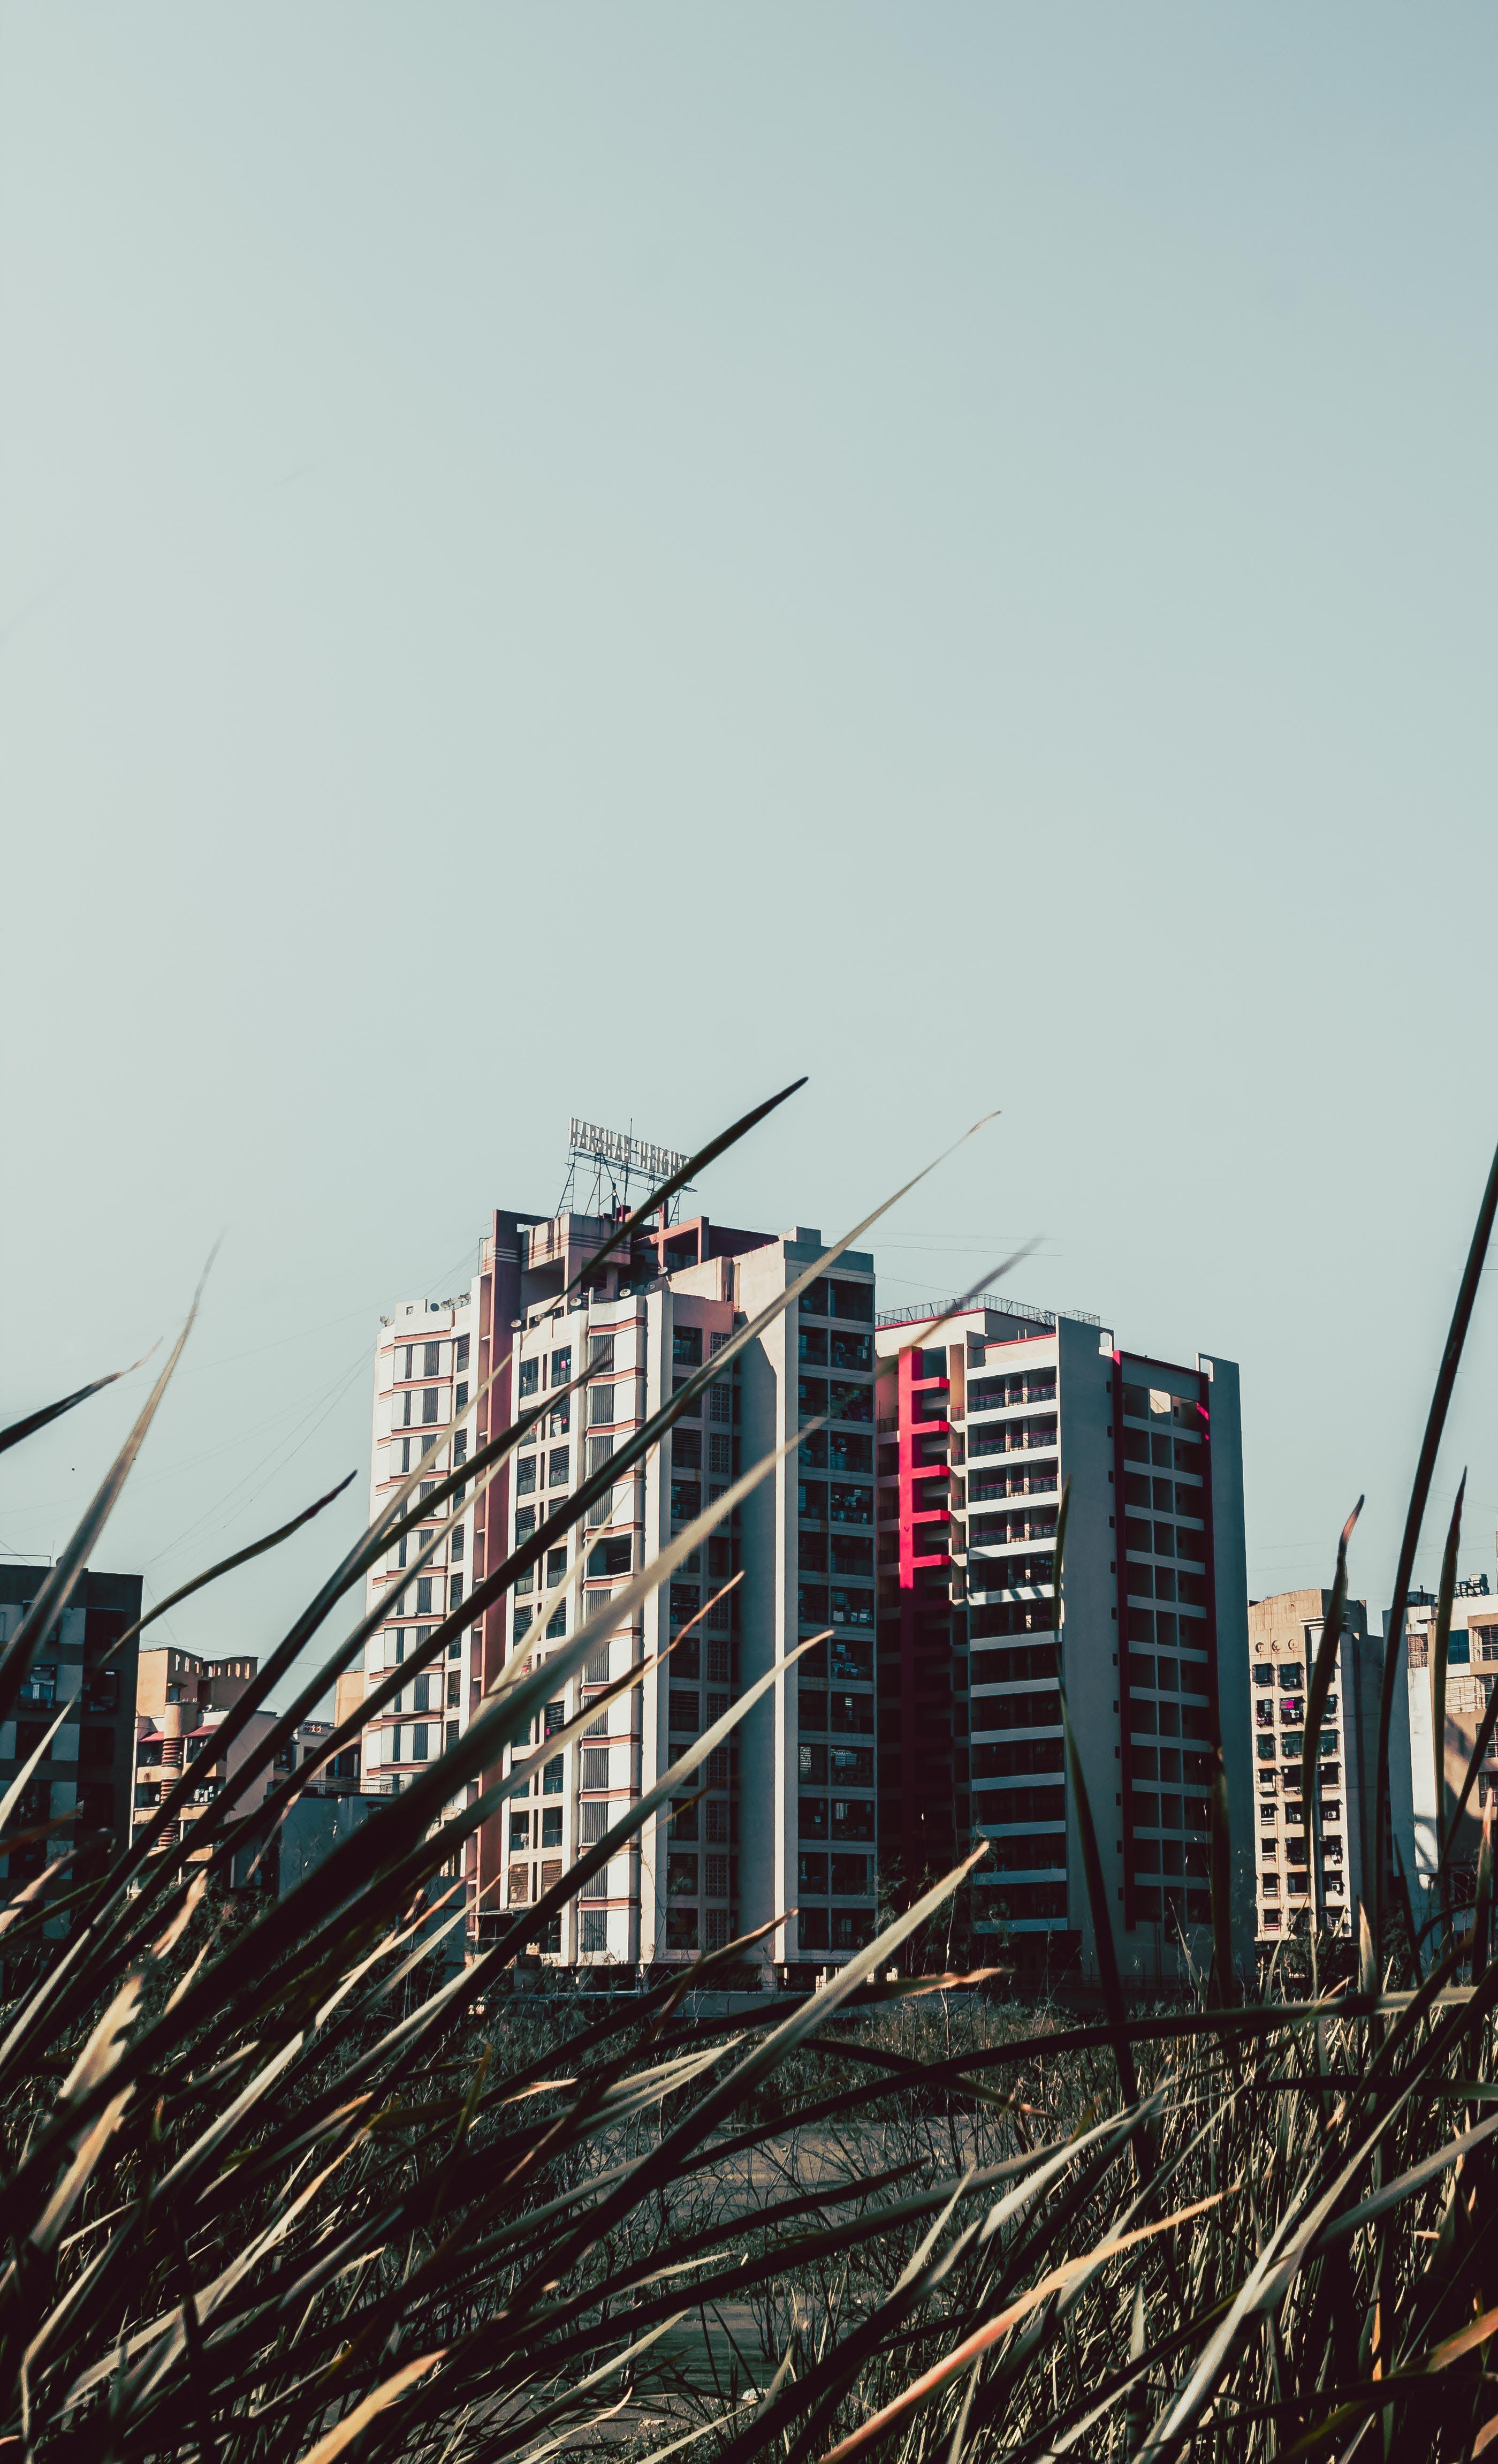 Kostenloses Stock Foto zu architektur, außen, bau, blau